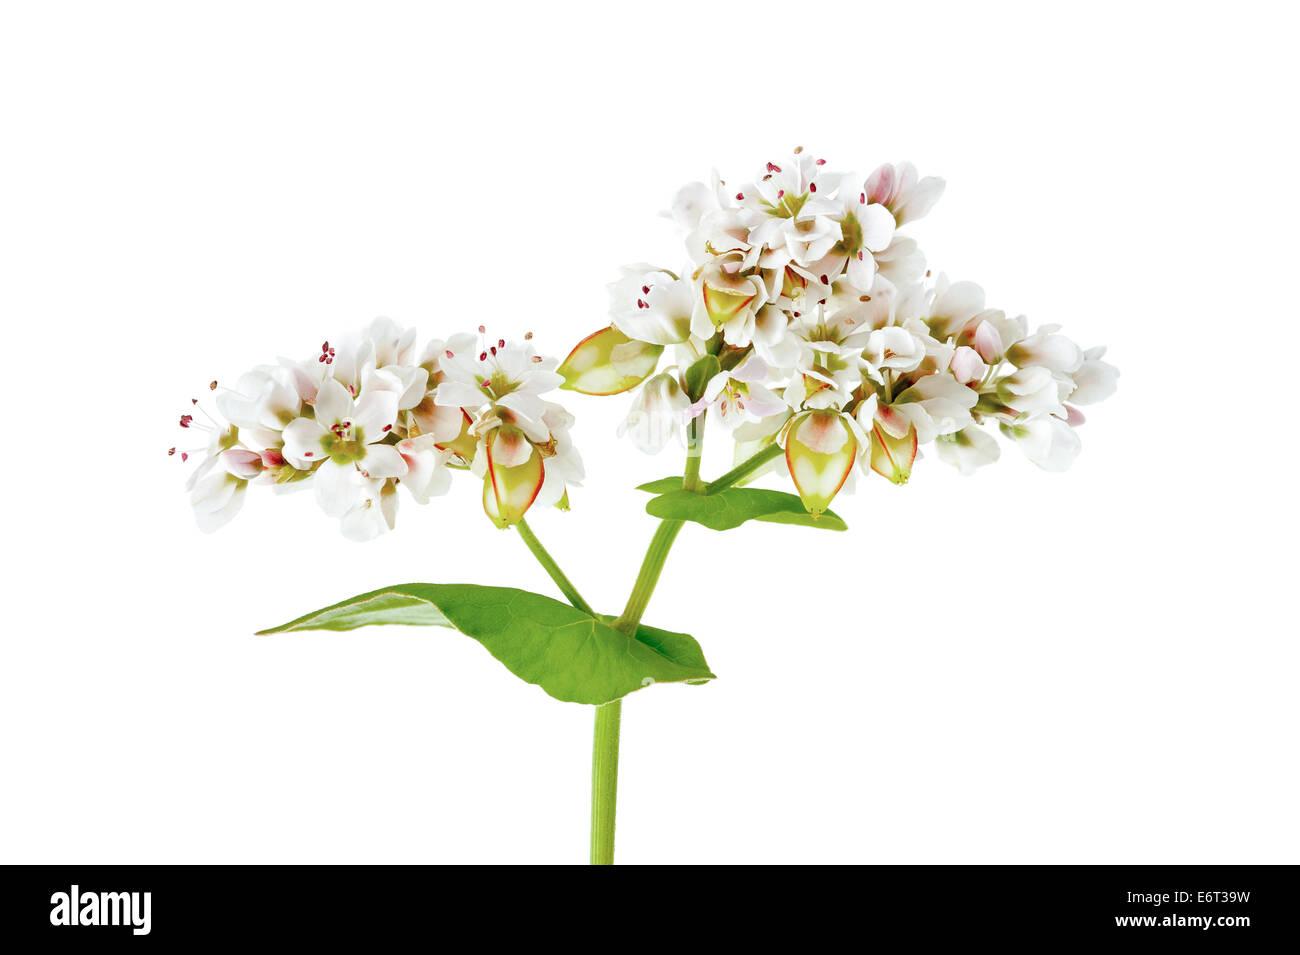 Buckwheat flowers isolated on white background - Stock Image